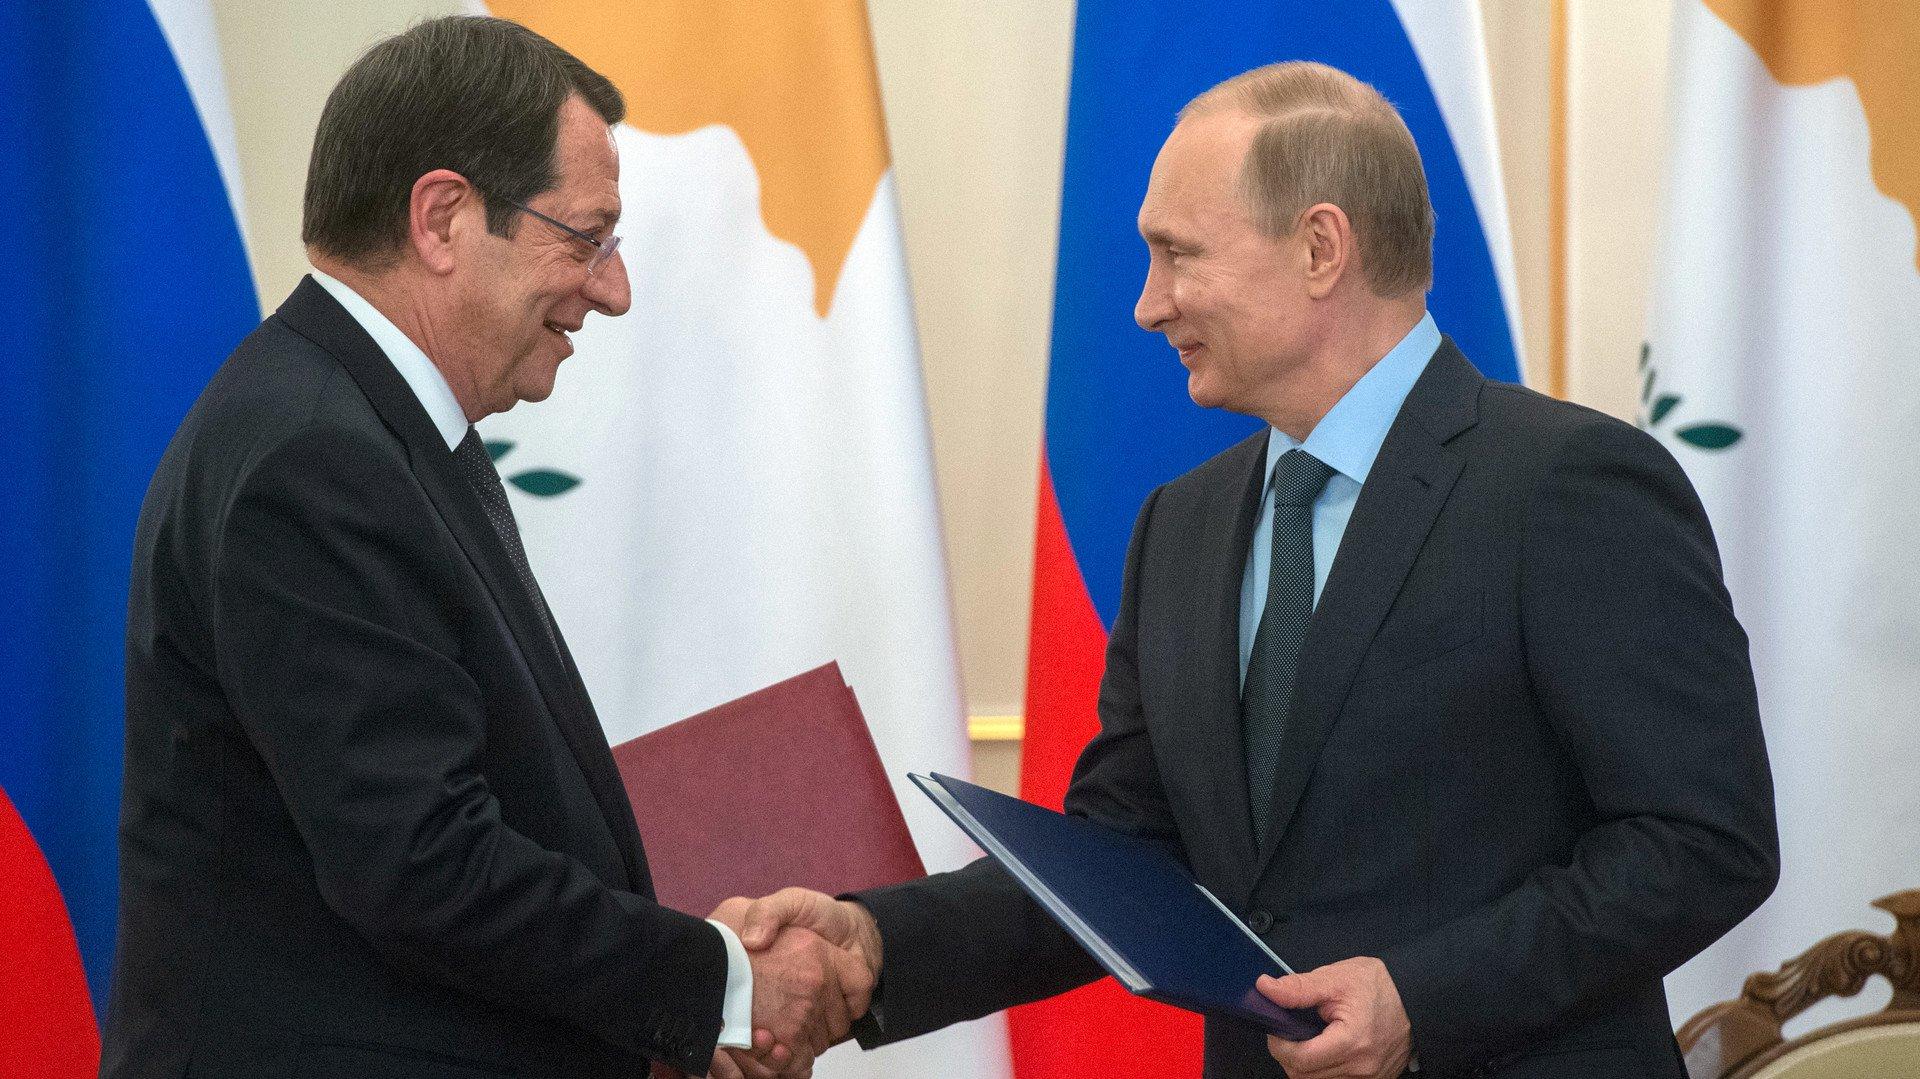 Le président chypriote Nicos Anastasiades et le président russe Vladimir Poutine